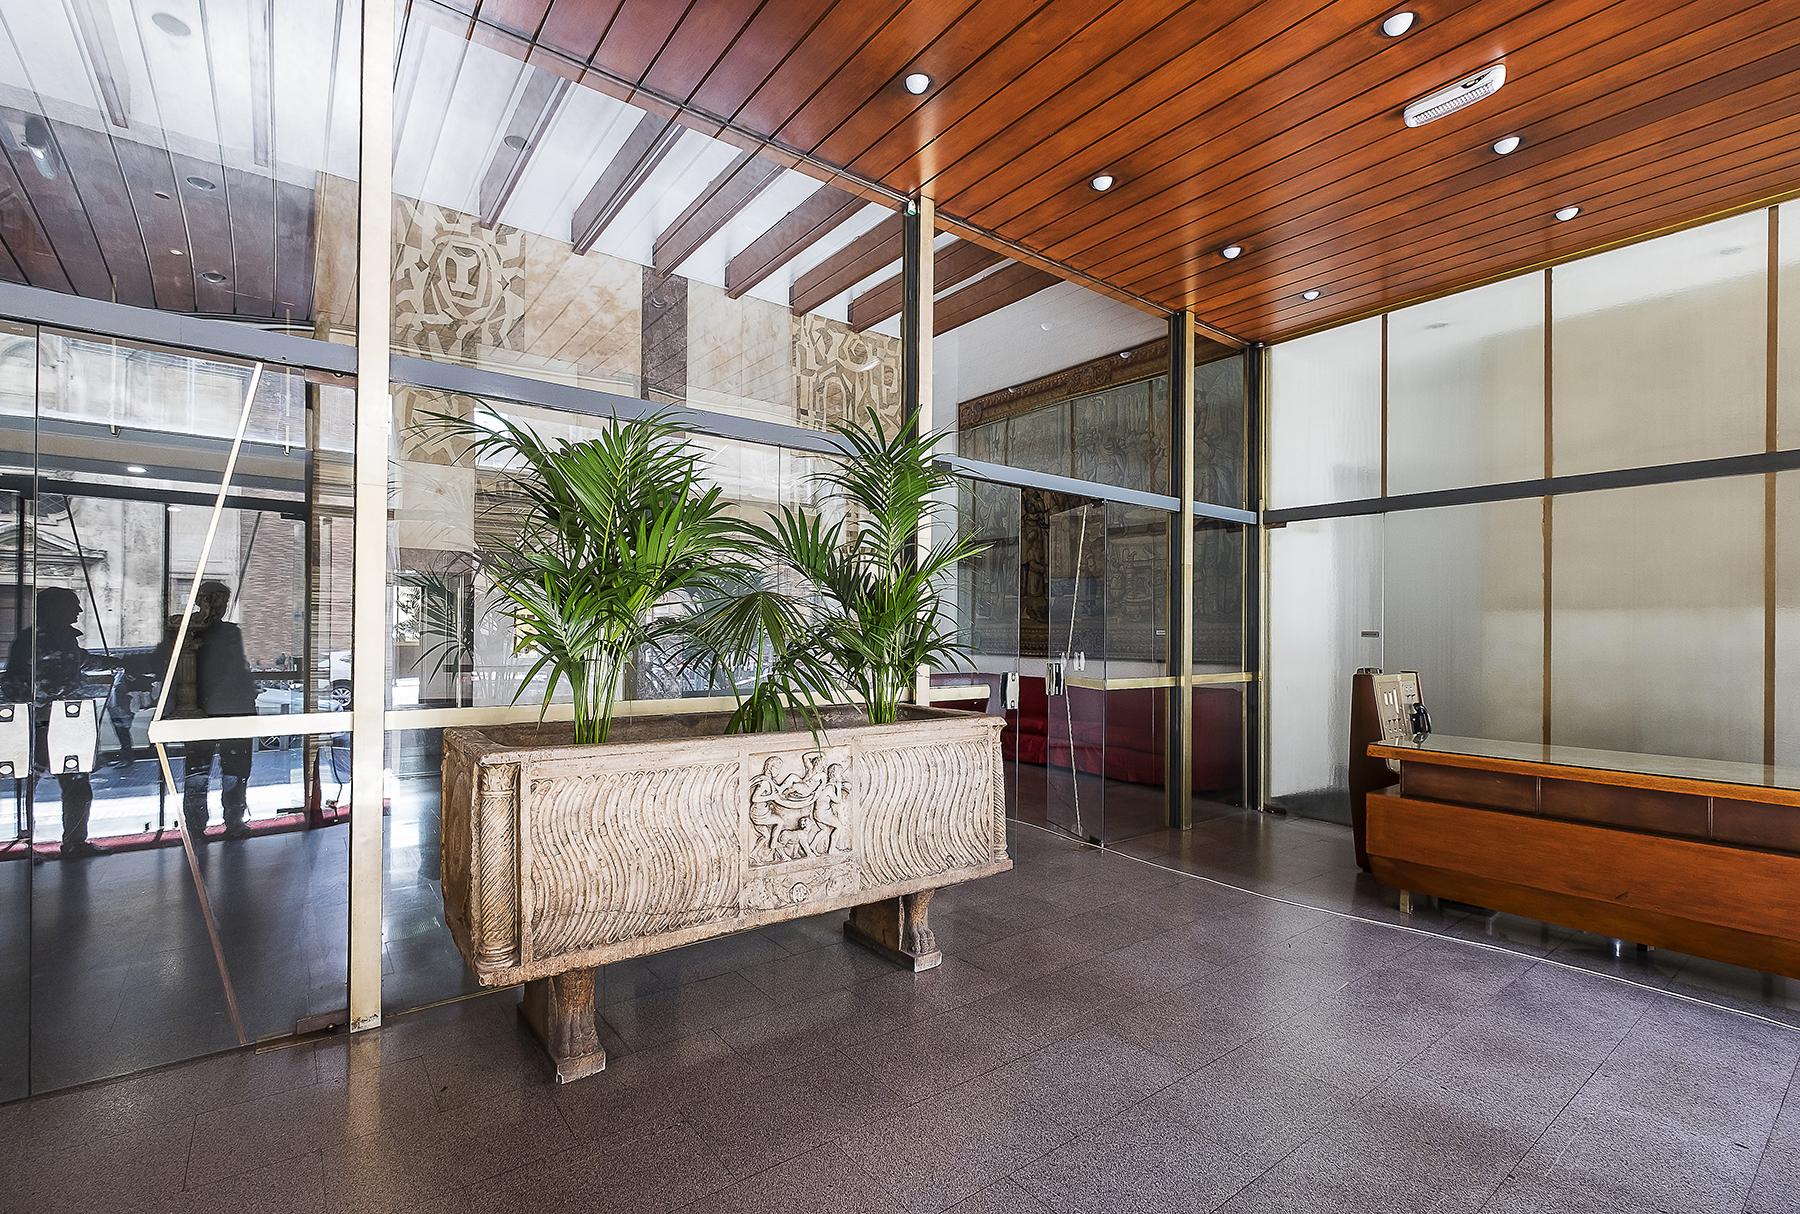 Ufficio studio di lusso in affitto a roma via parigi for Affitto locali commerciali roma nord